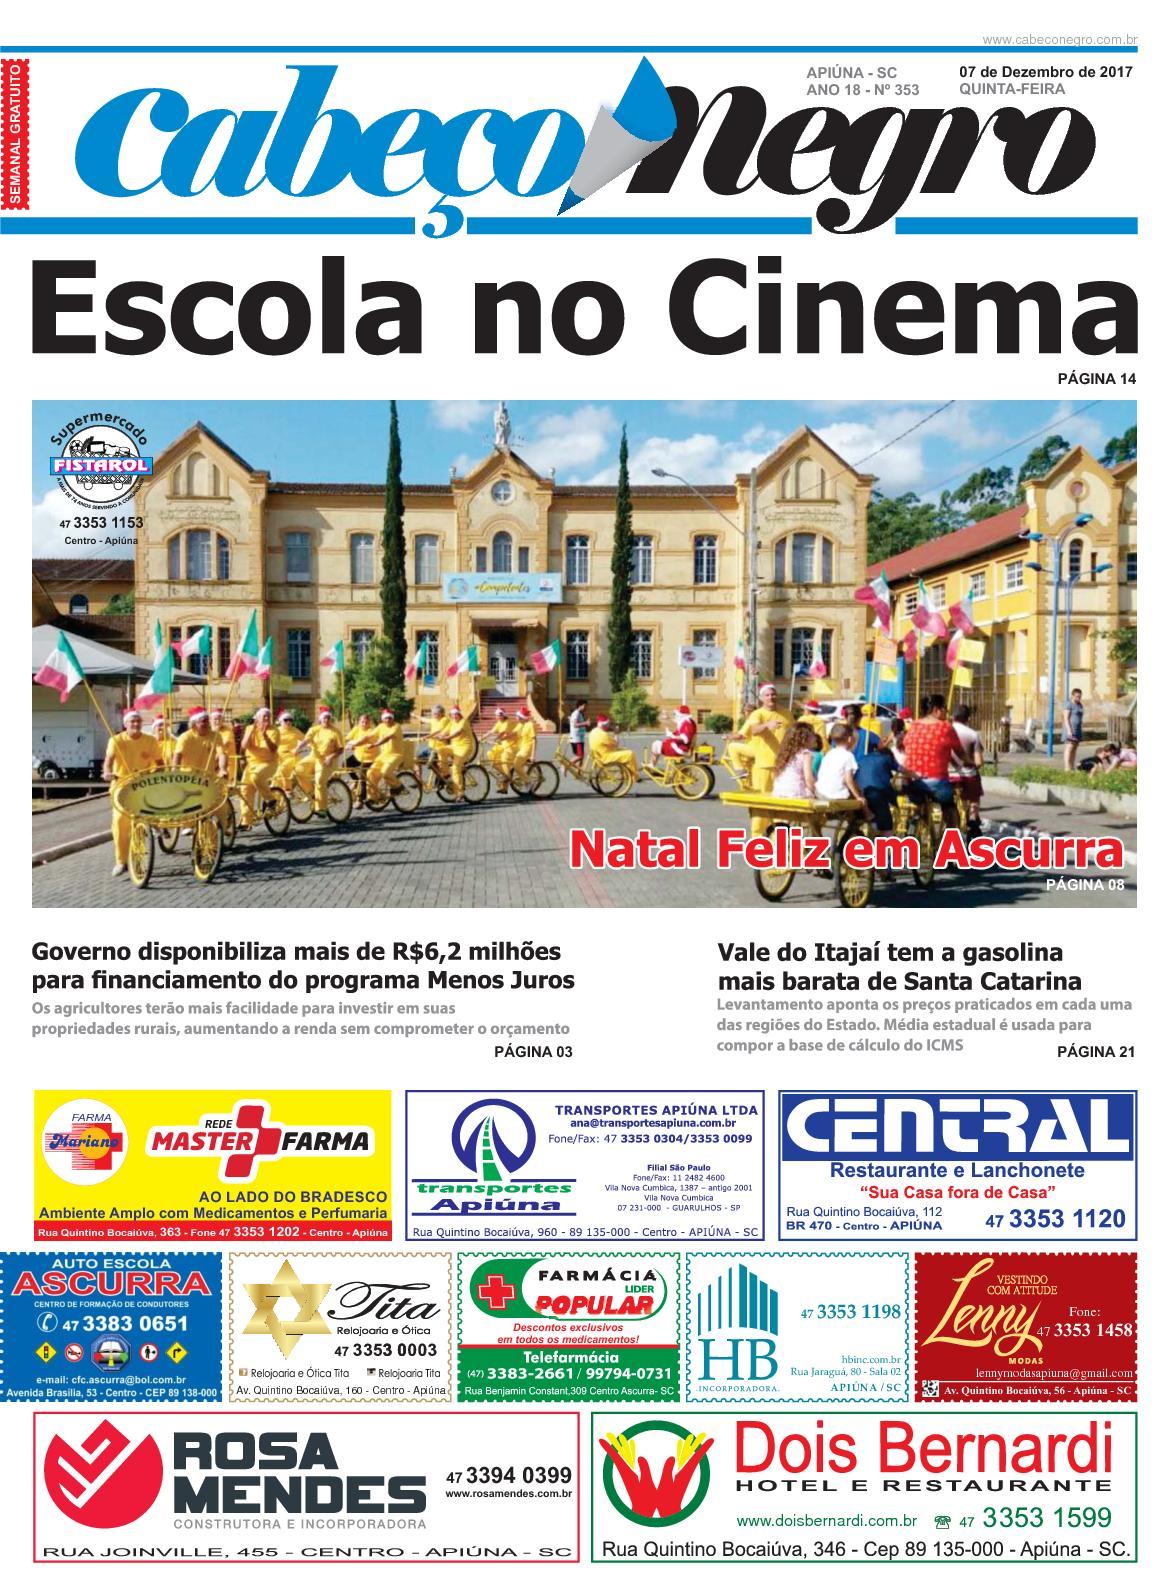 Jornal CABEÇO NEGRO - Edição 353 07DEZ2017